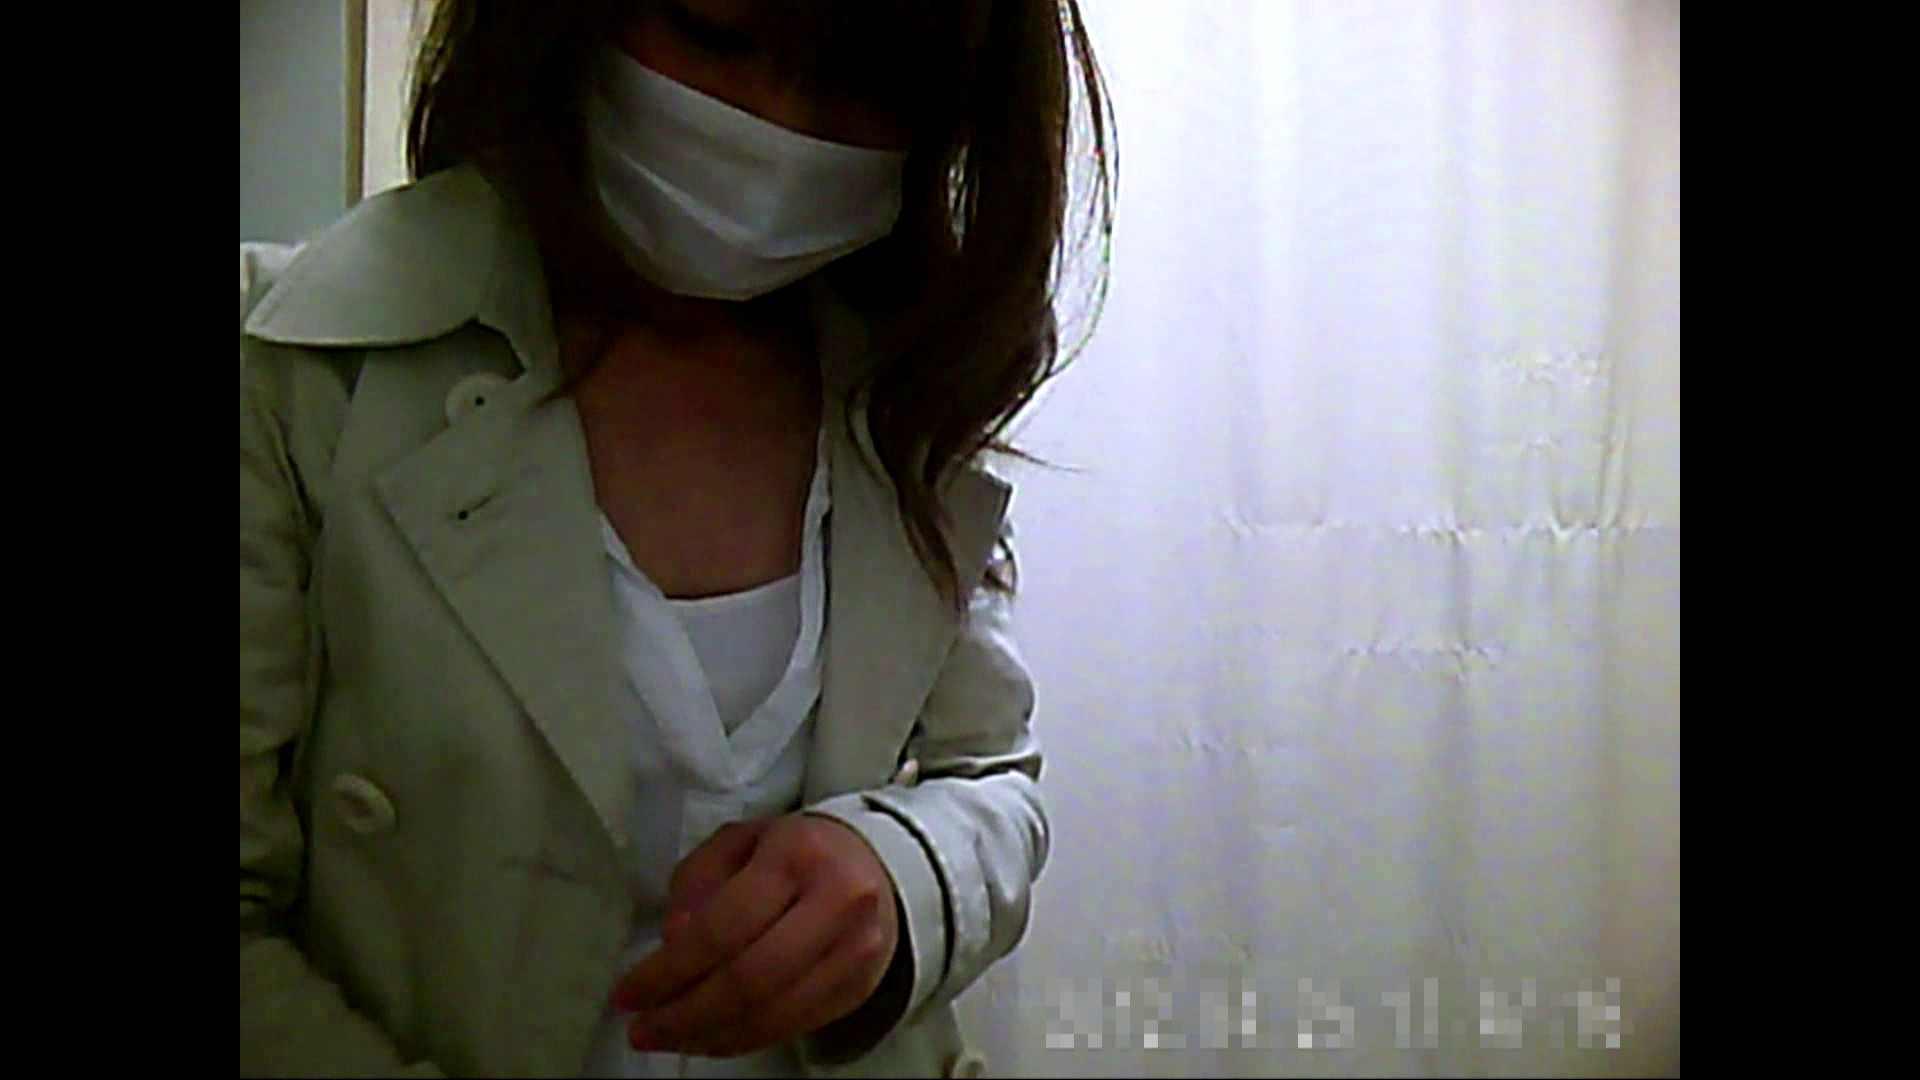 元医者による反抗 更衣室地獄絵巻 vol.009 OLの実態 | 0  46pic 27